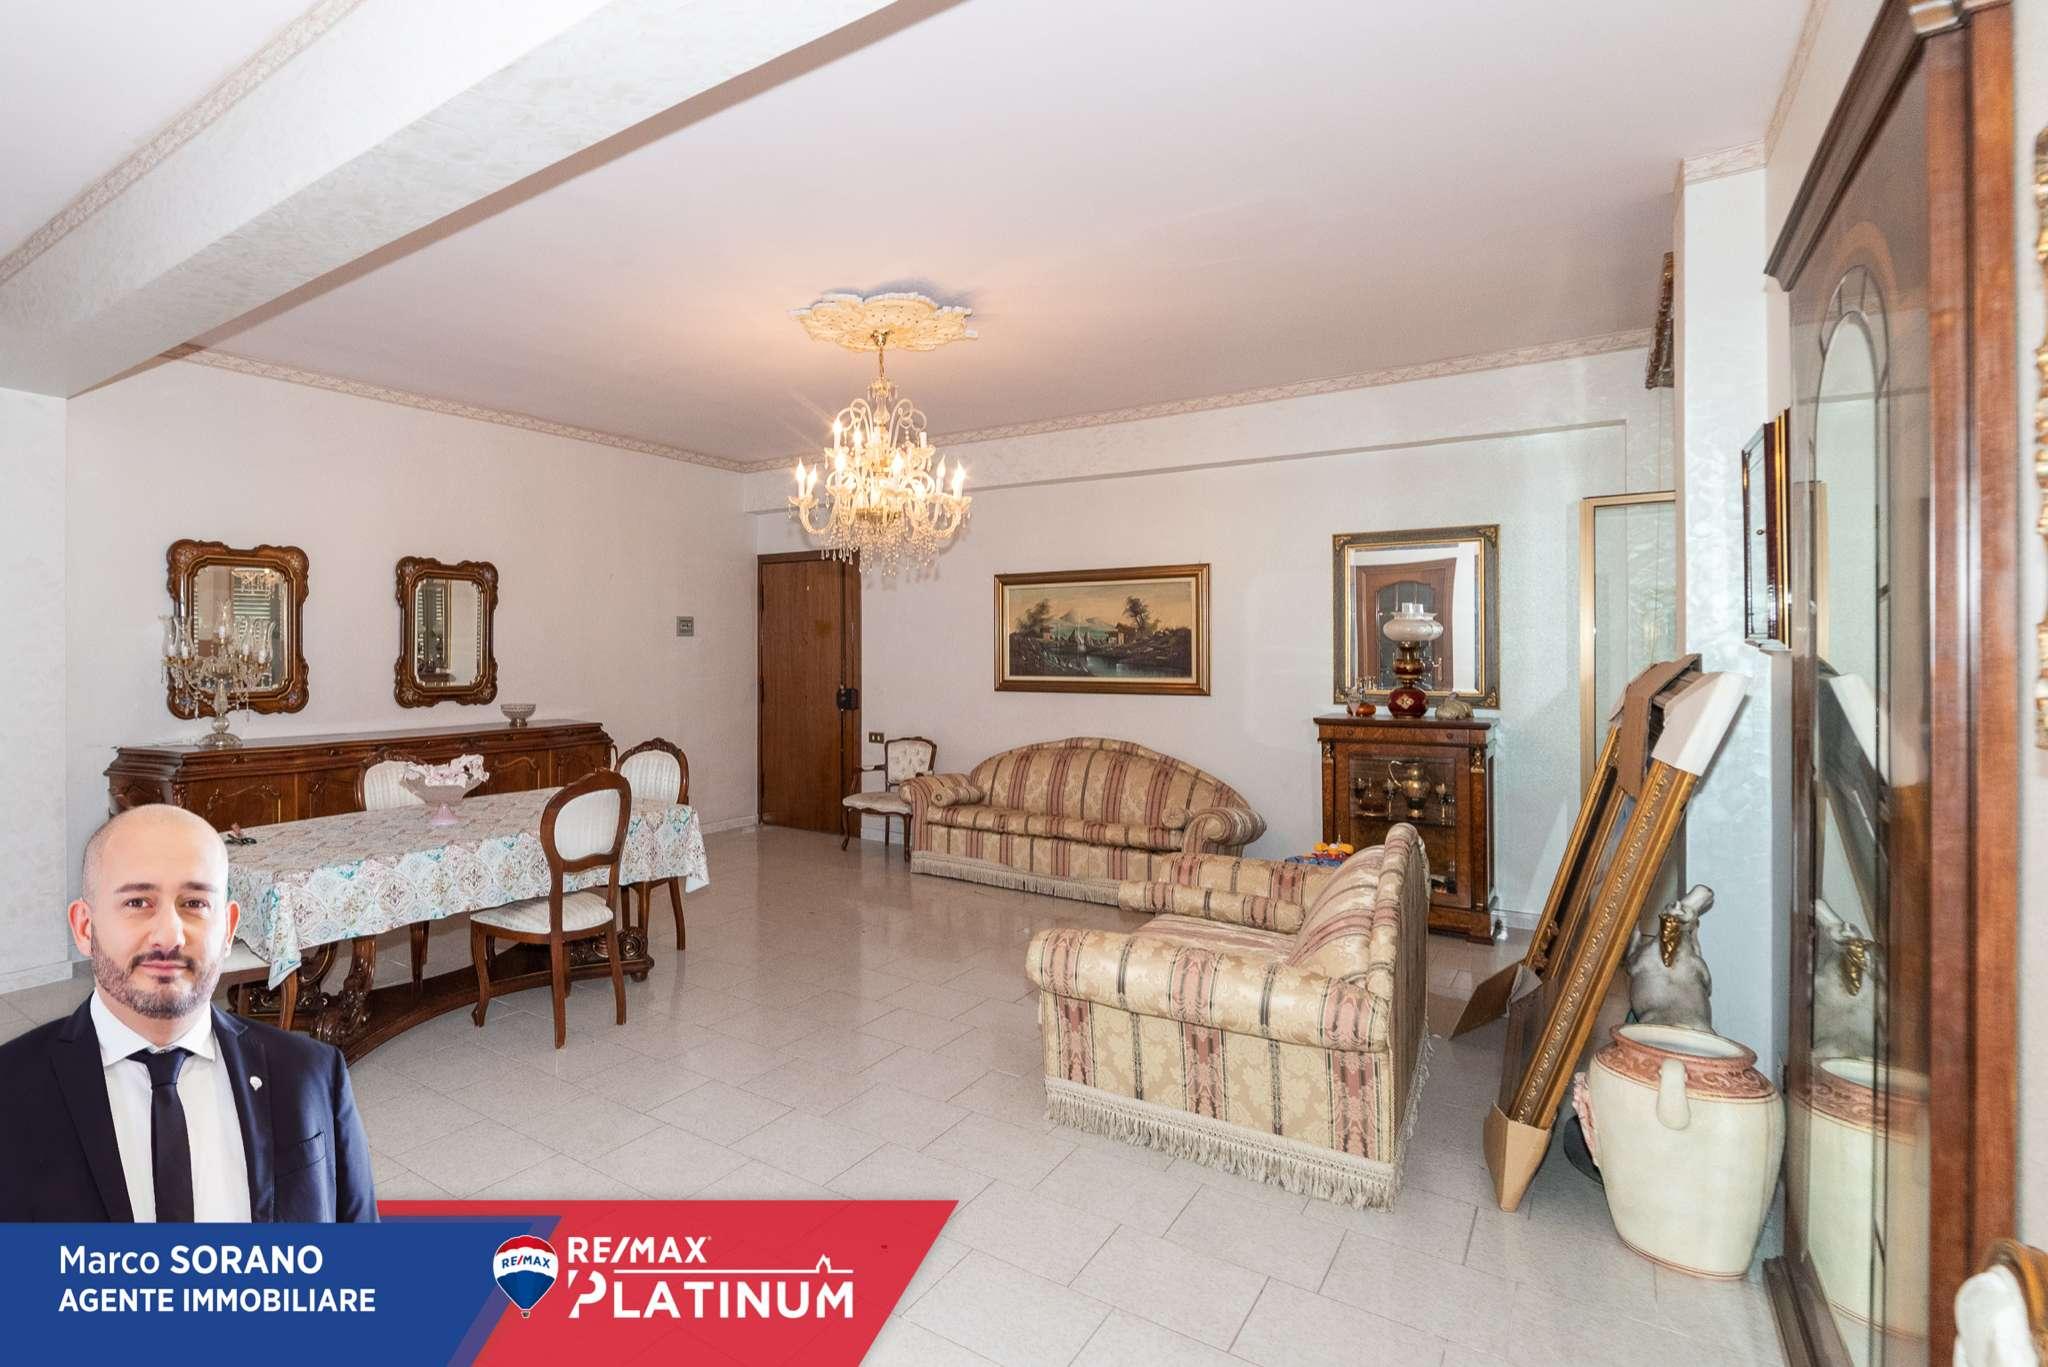 Appartamento in vendita a Mascalucia, 4 locali, prezzo € 149.000 | PortaleAgenzieImmobiliari.it